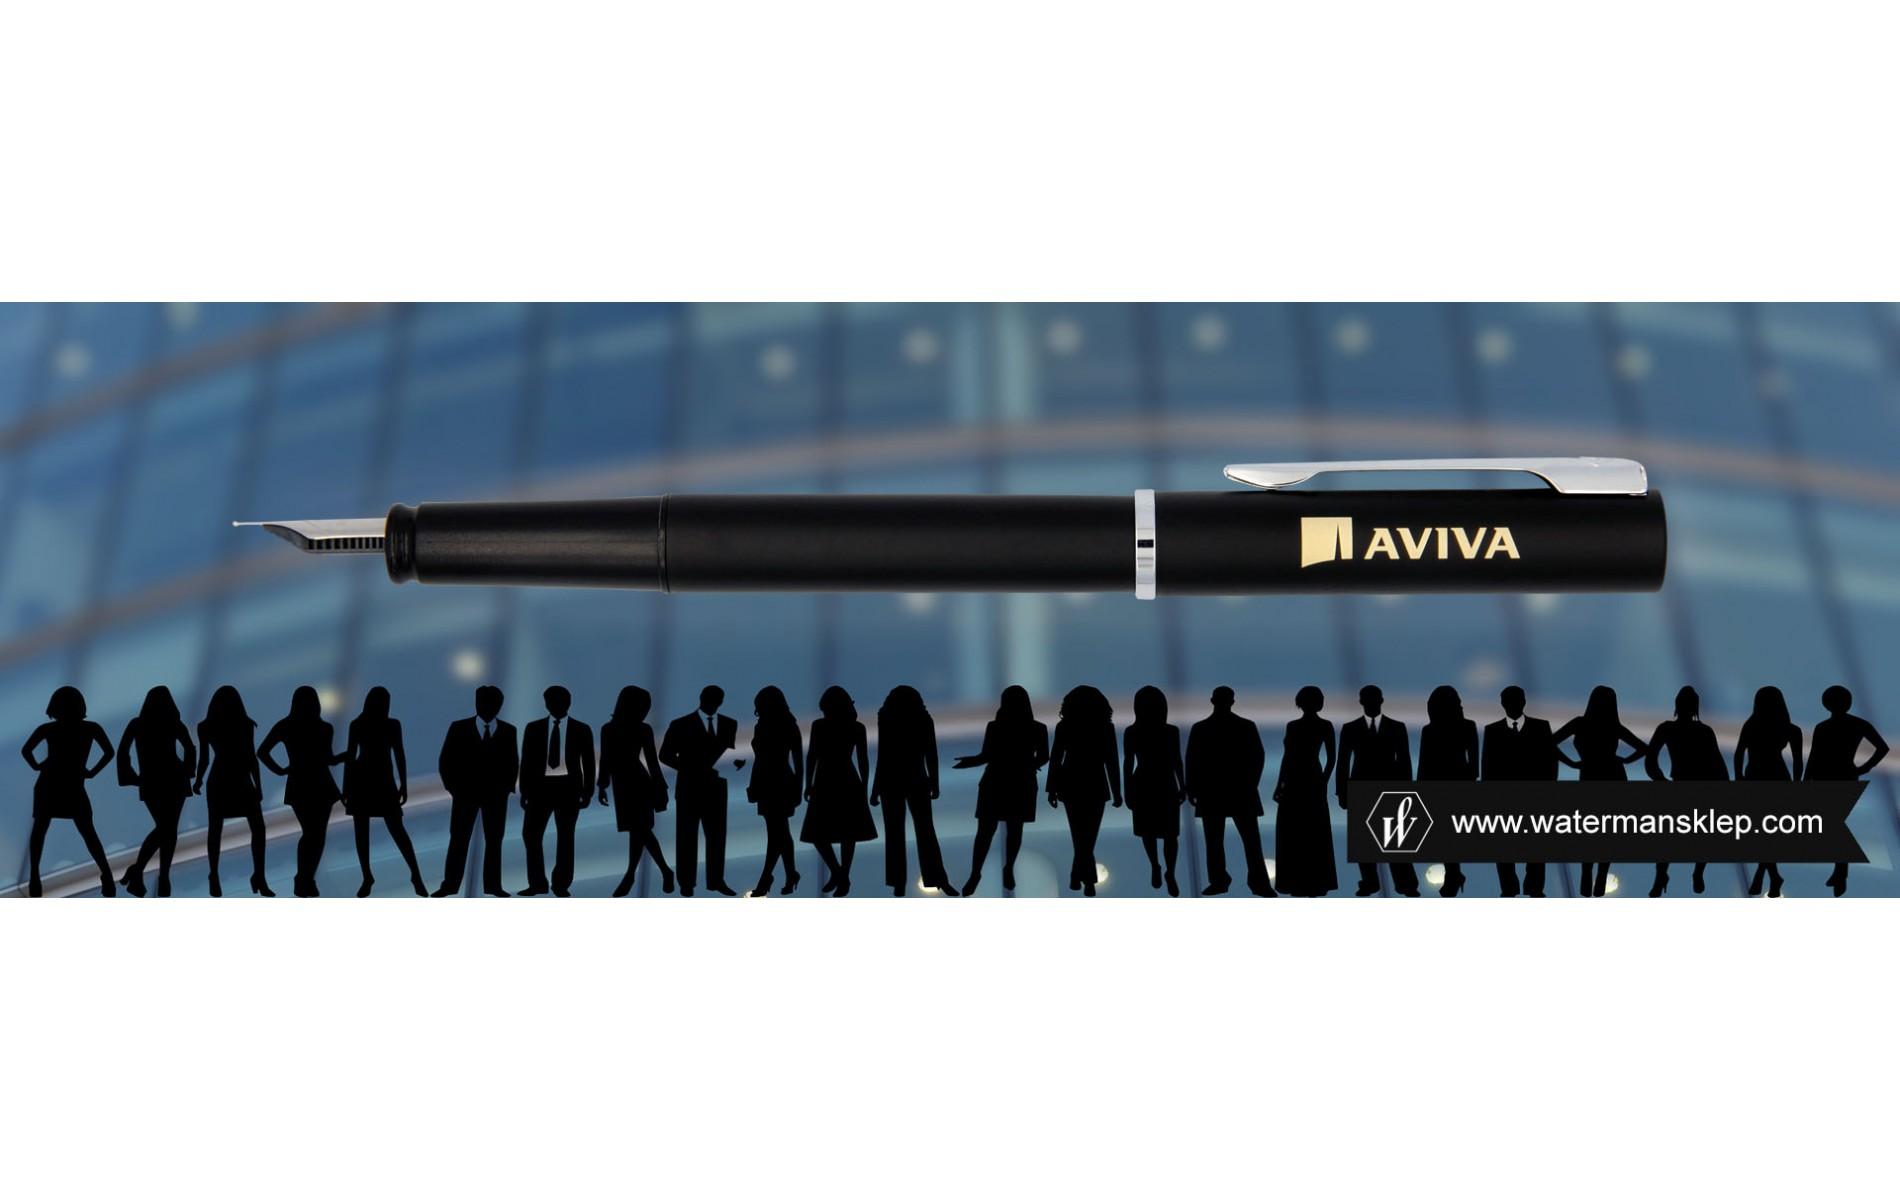 długopis waterman Graduate z grawerem